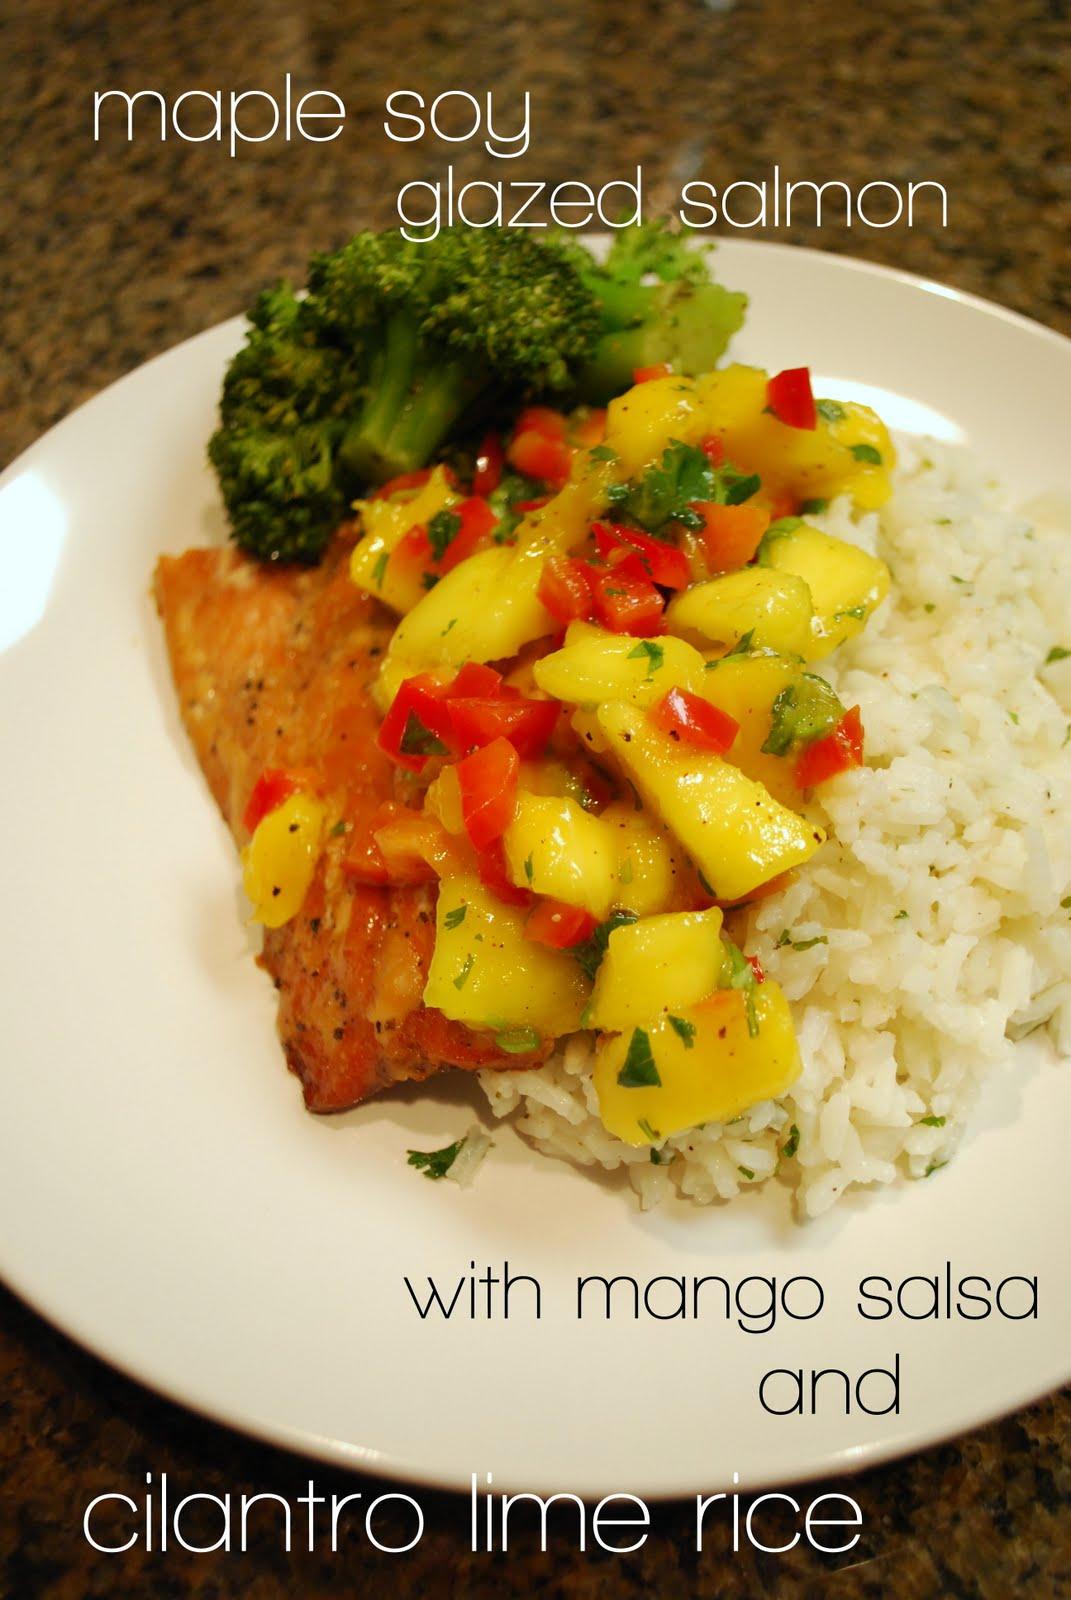 lizzy write: maple-soy glazed salmon with mango salsa